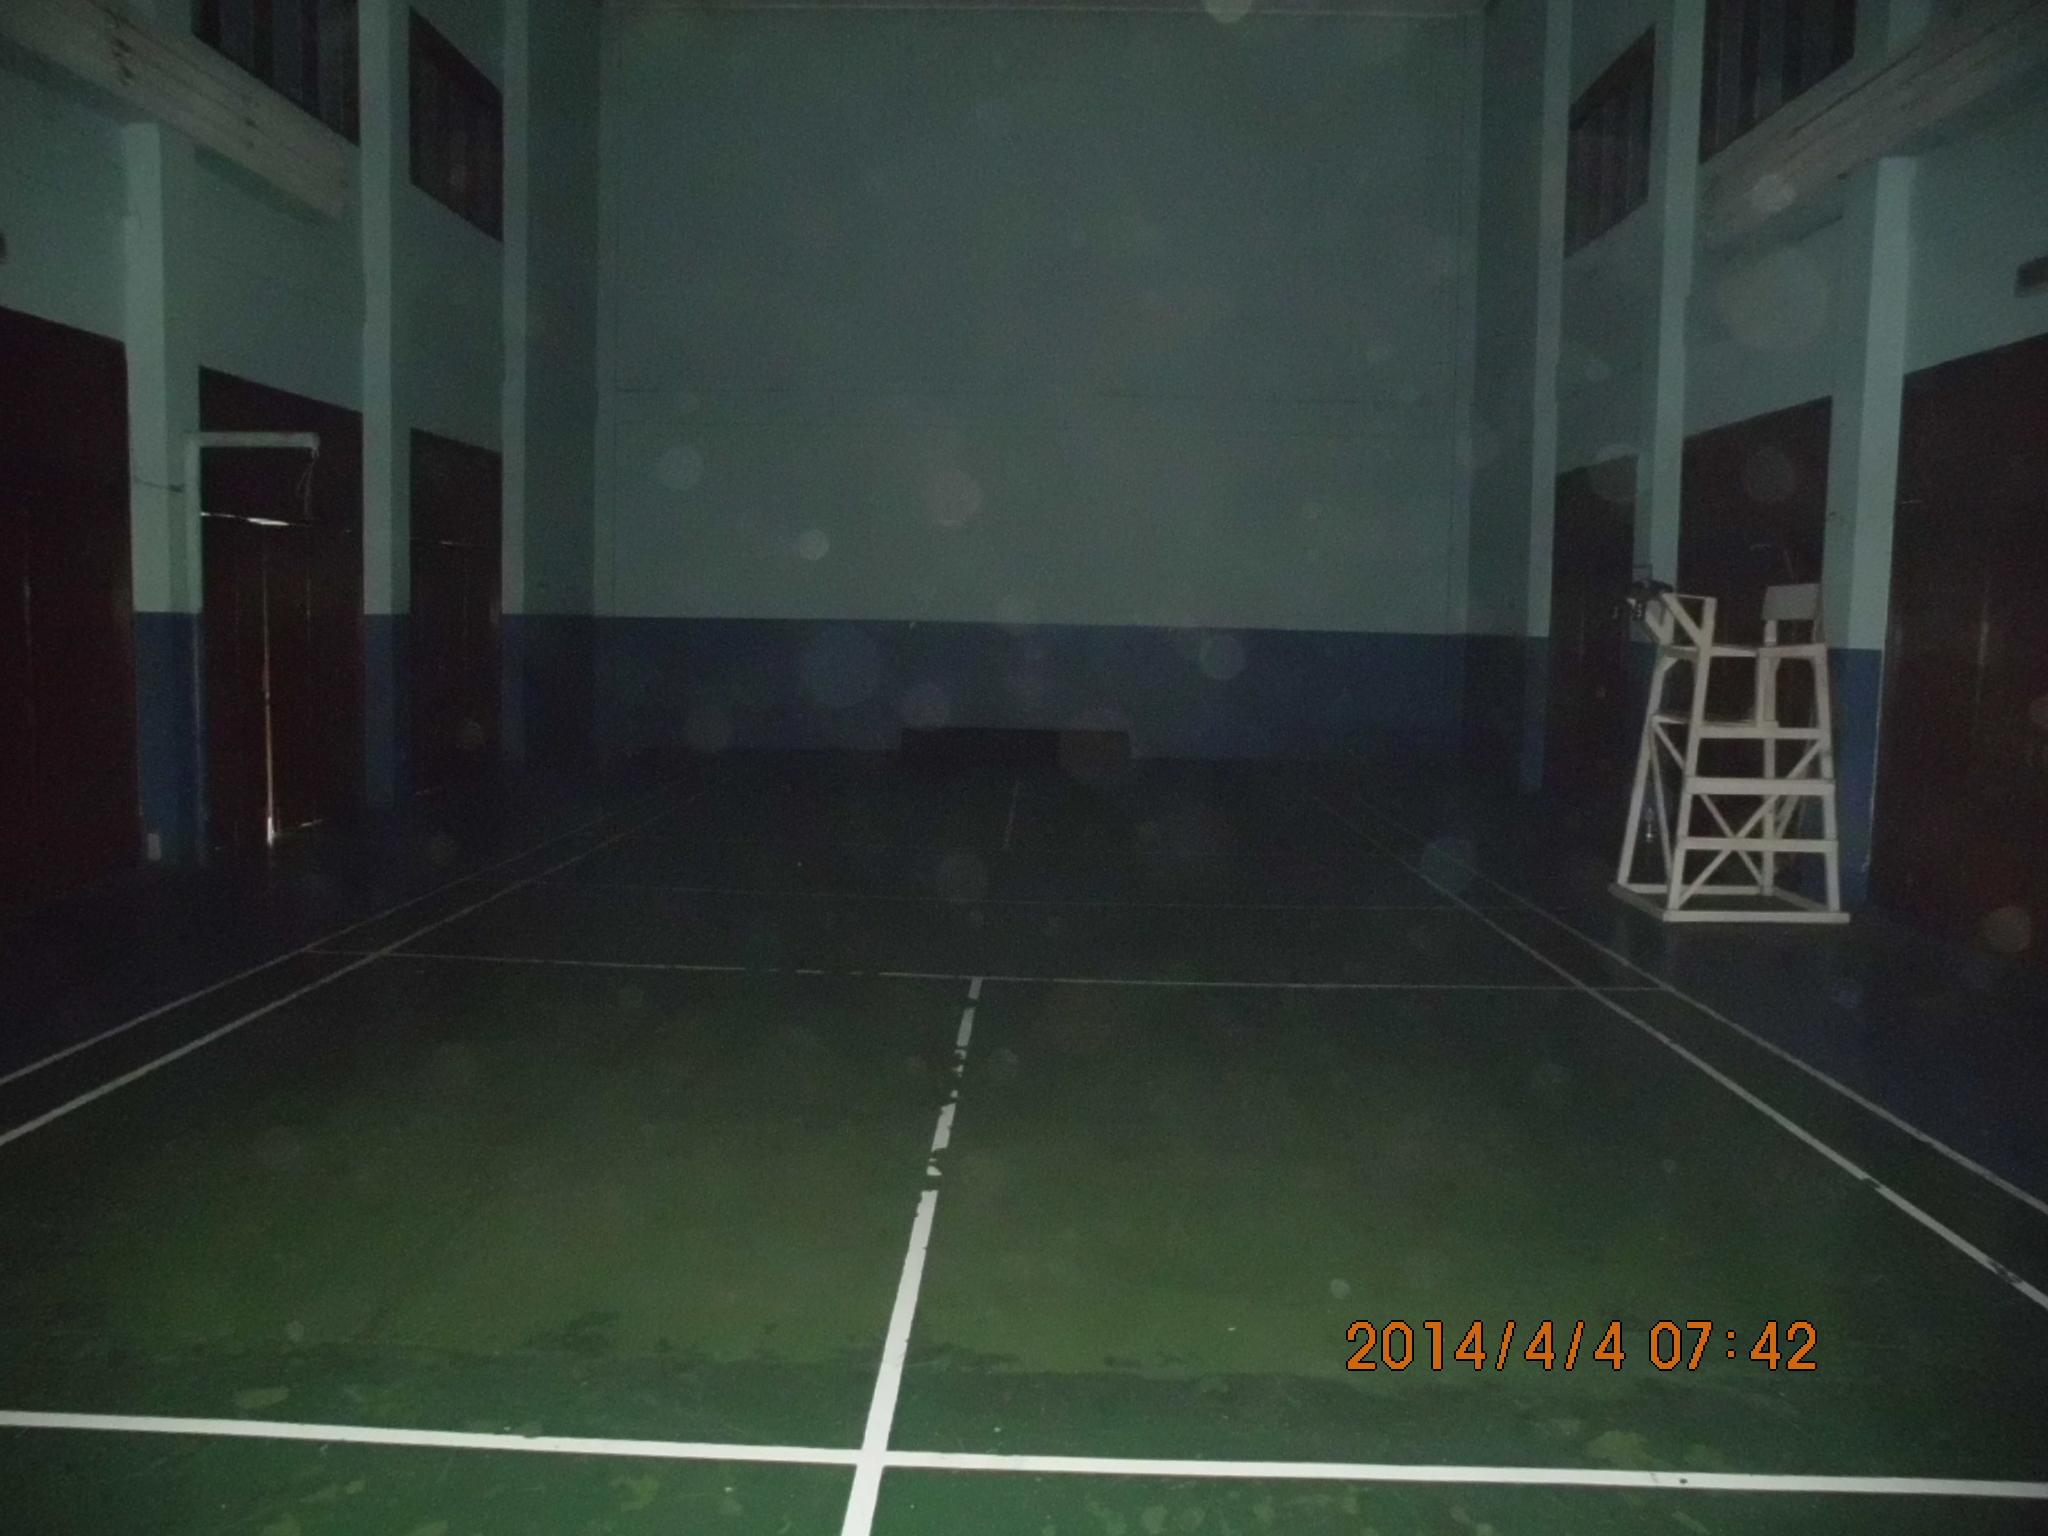 Sarana Olahraga - Universitas Widyatama